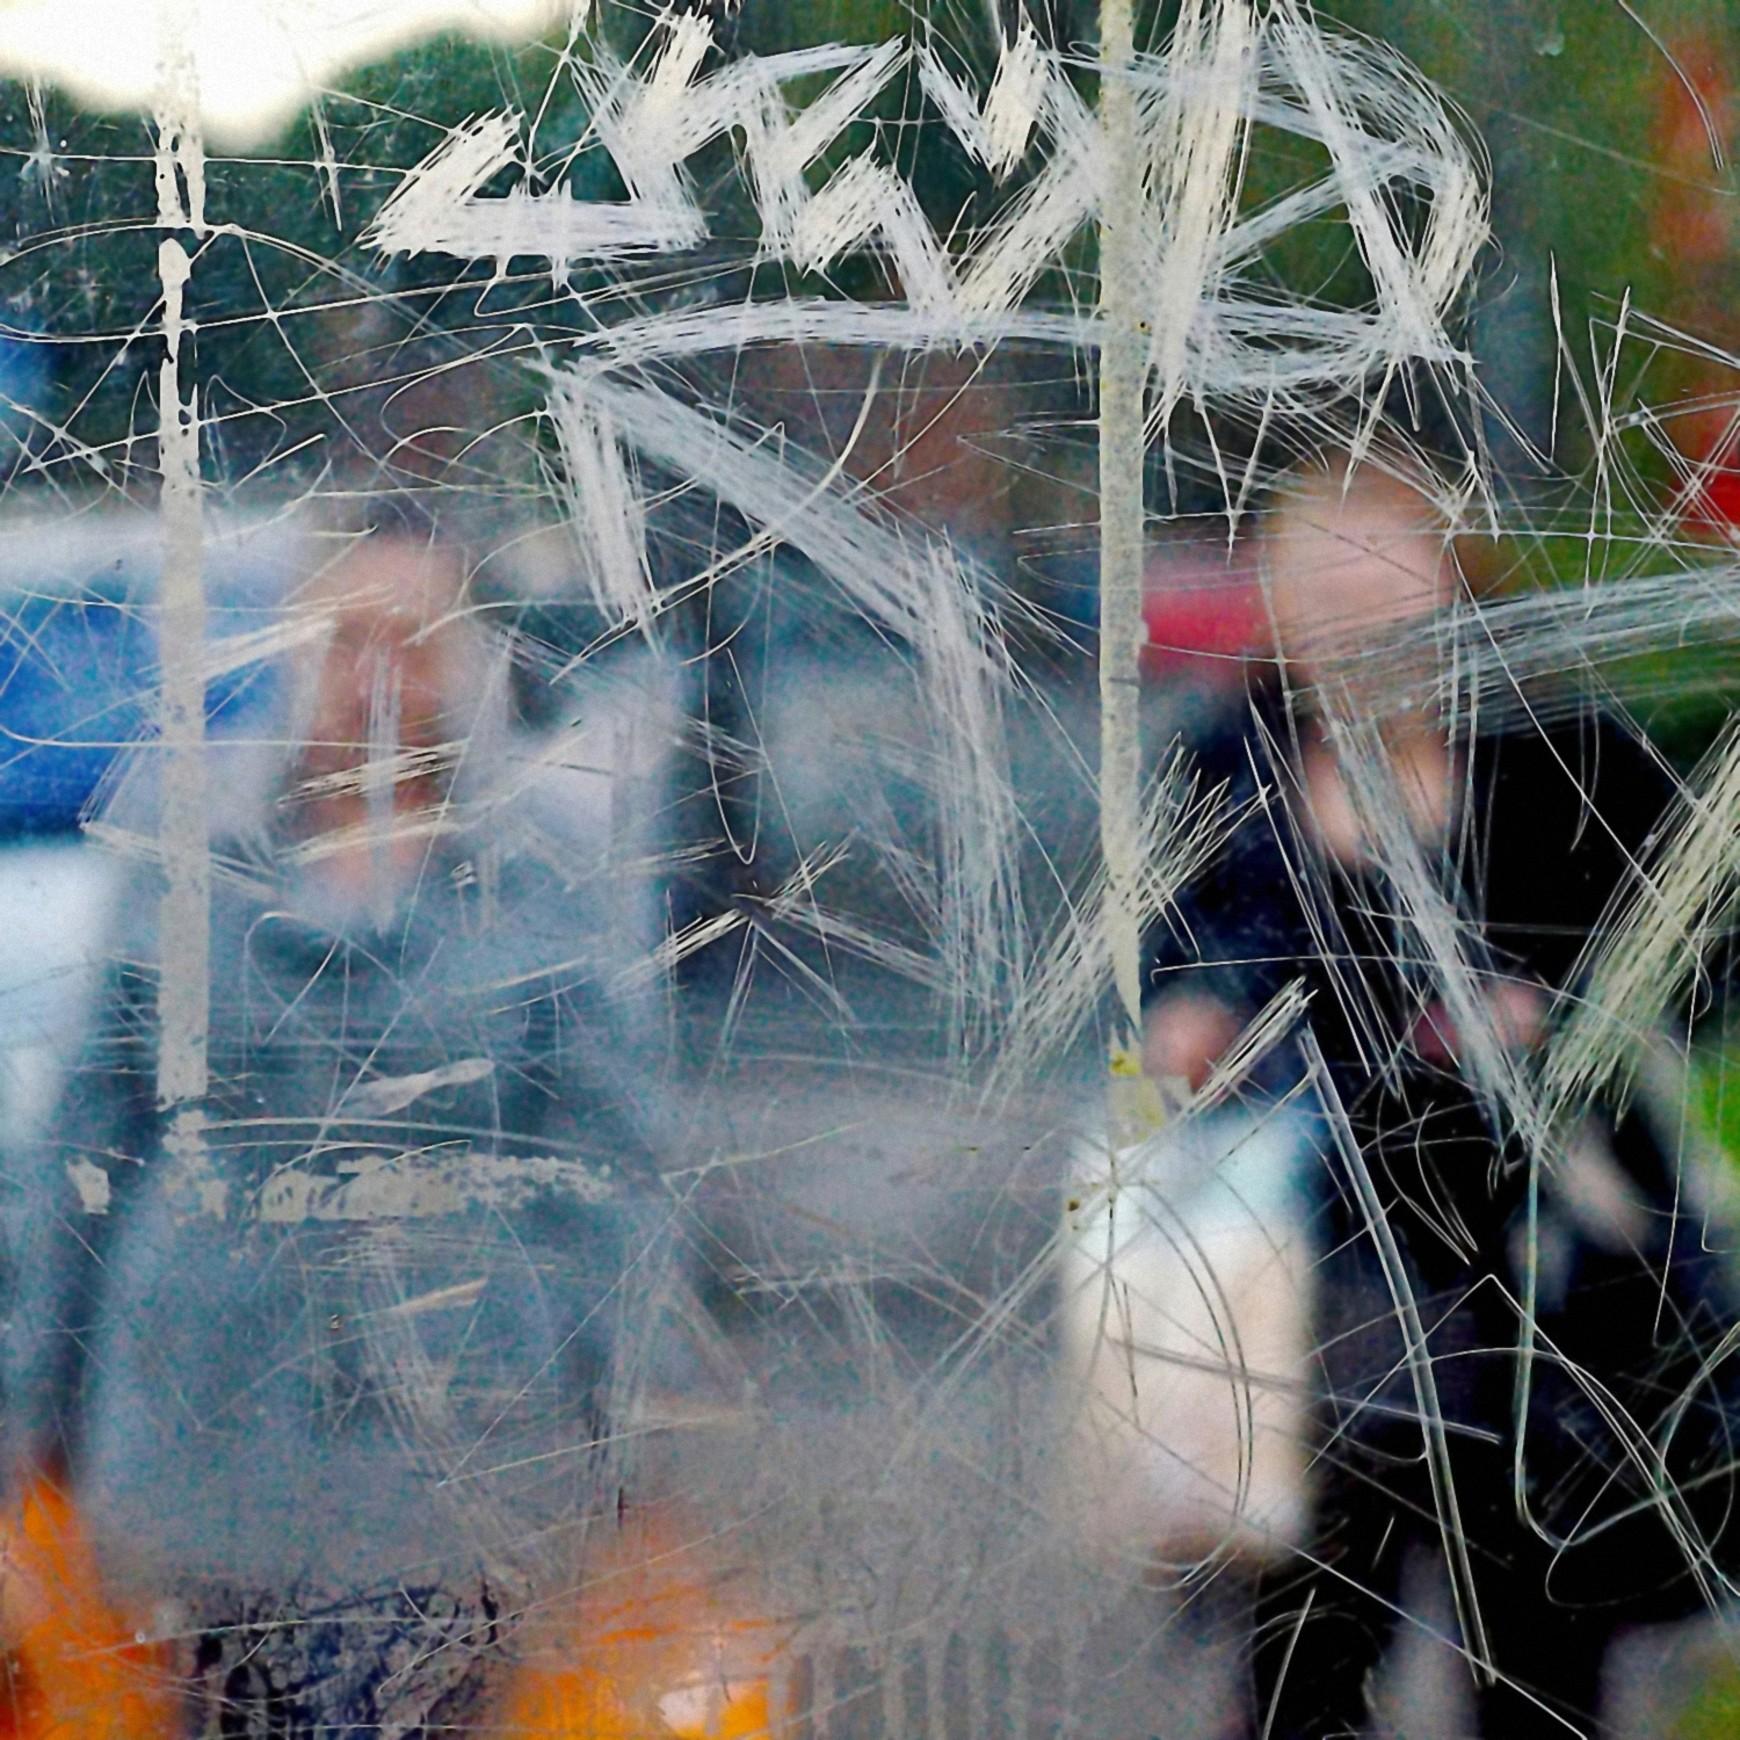 Bus Stop, il progetto anti-fotografico di Stephen Calcutt | Collater.al 2